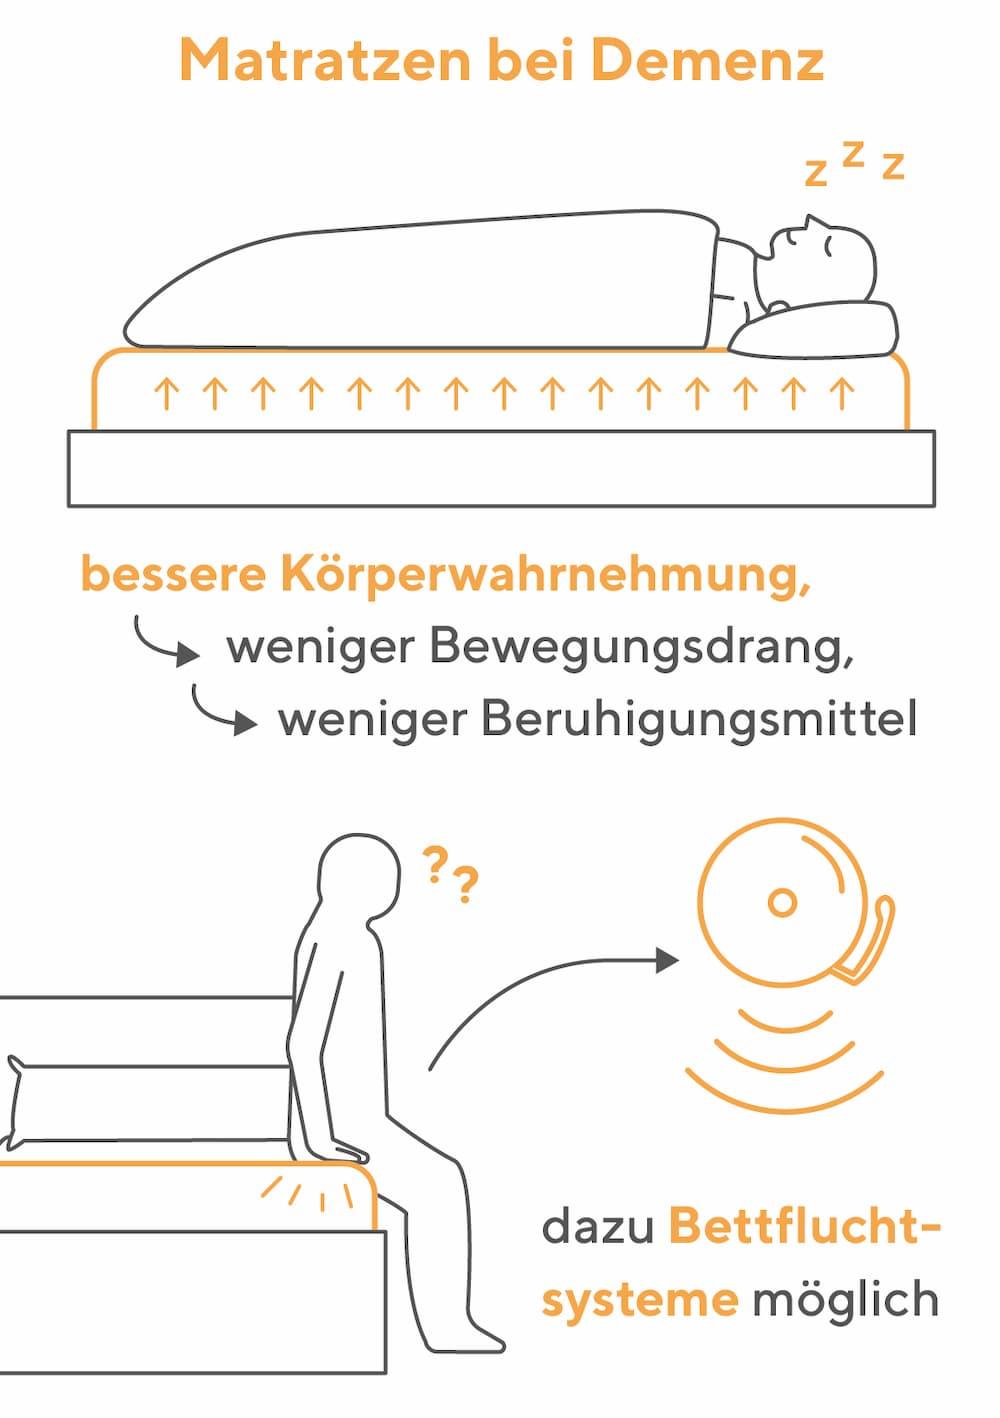 Matratzen bei Demenz: Diese Besonderheiten gibt es